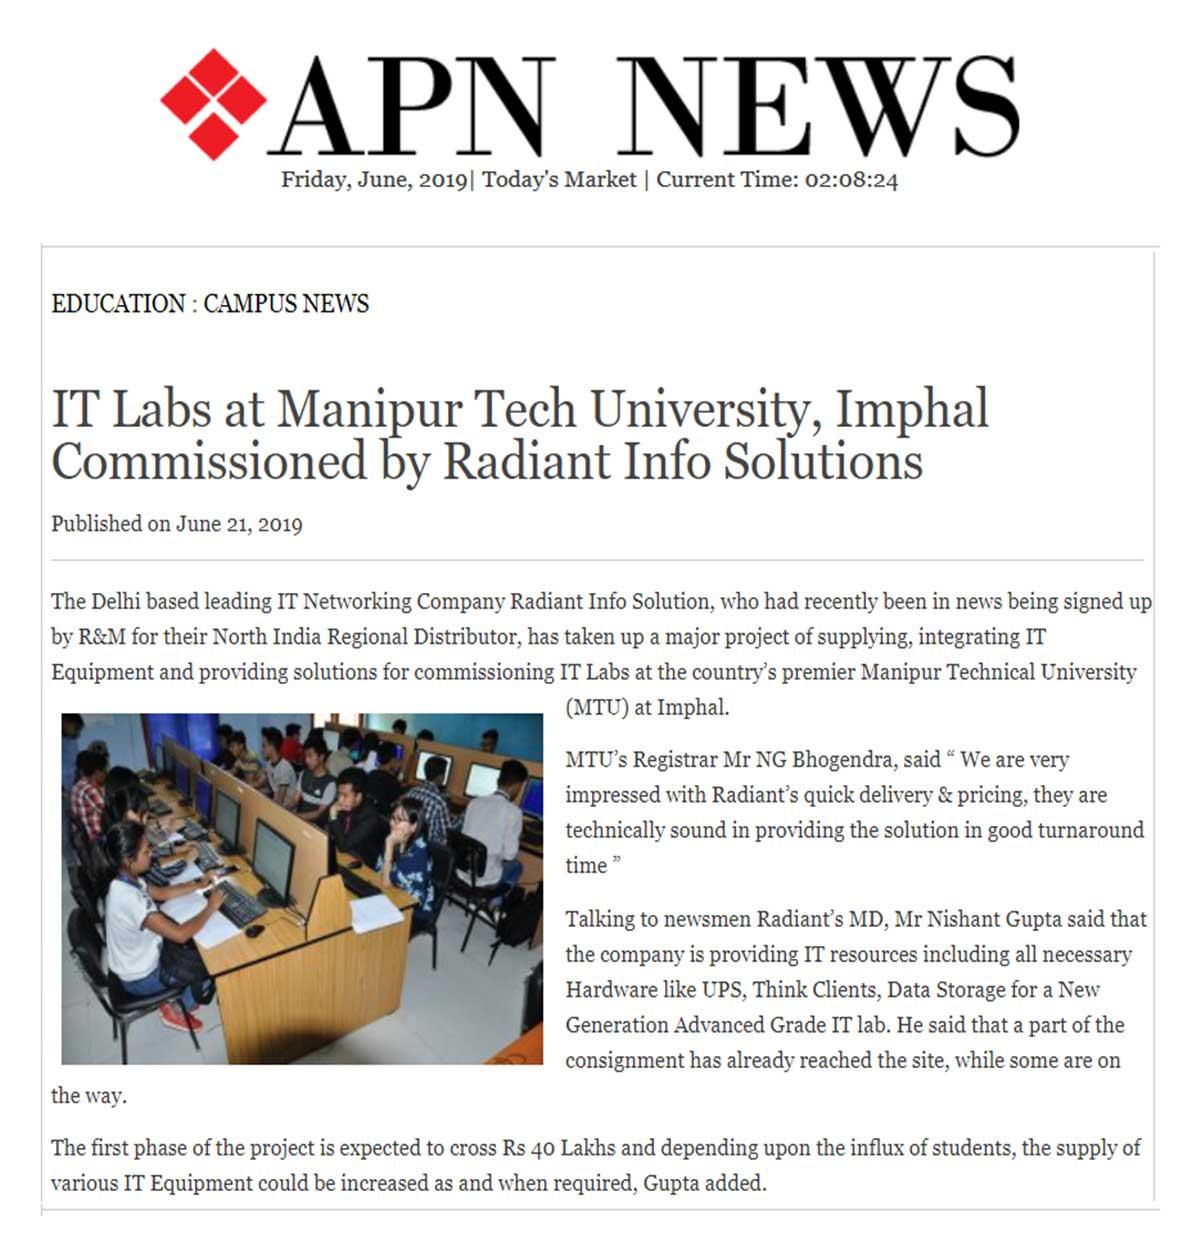 APN NEWS IT Labs